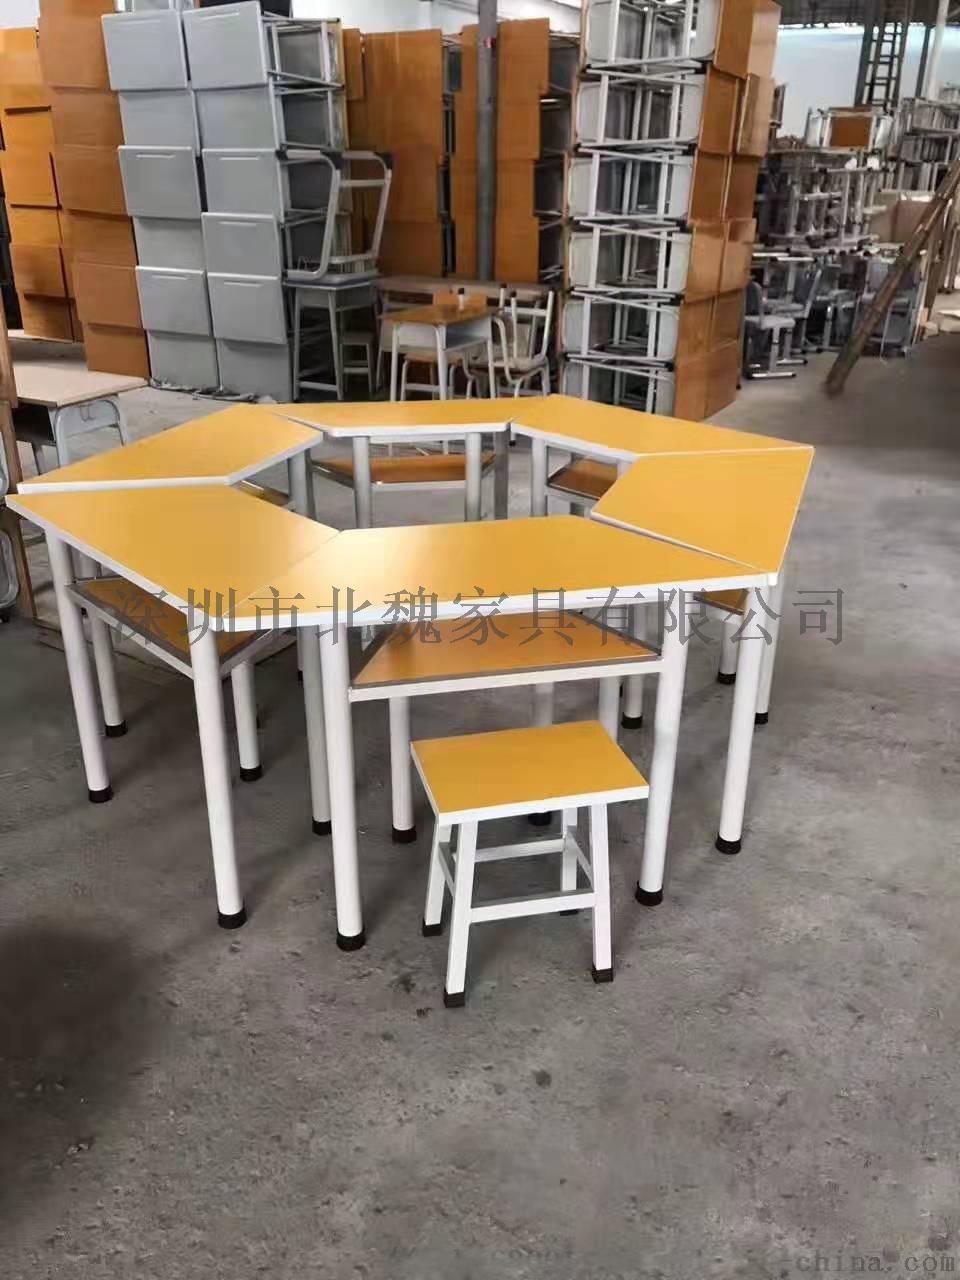 高中課桌椅*鋼木課桌椅廠家*學生實木單人課桌椅96210805